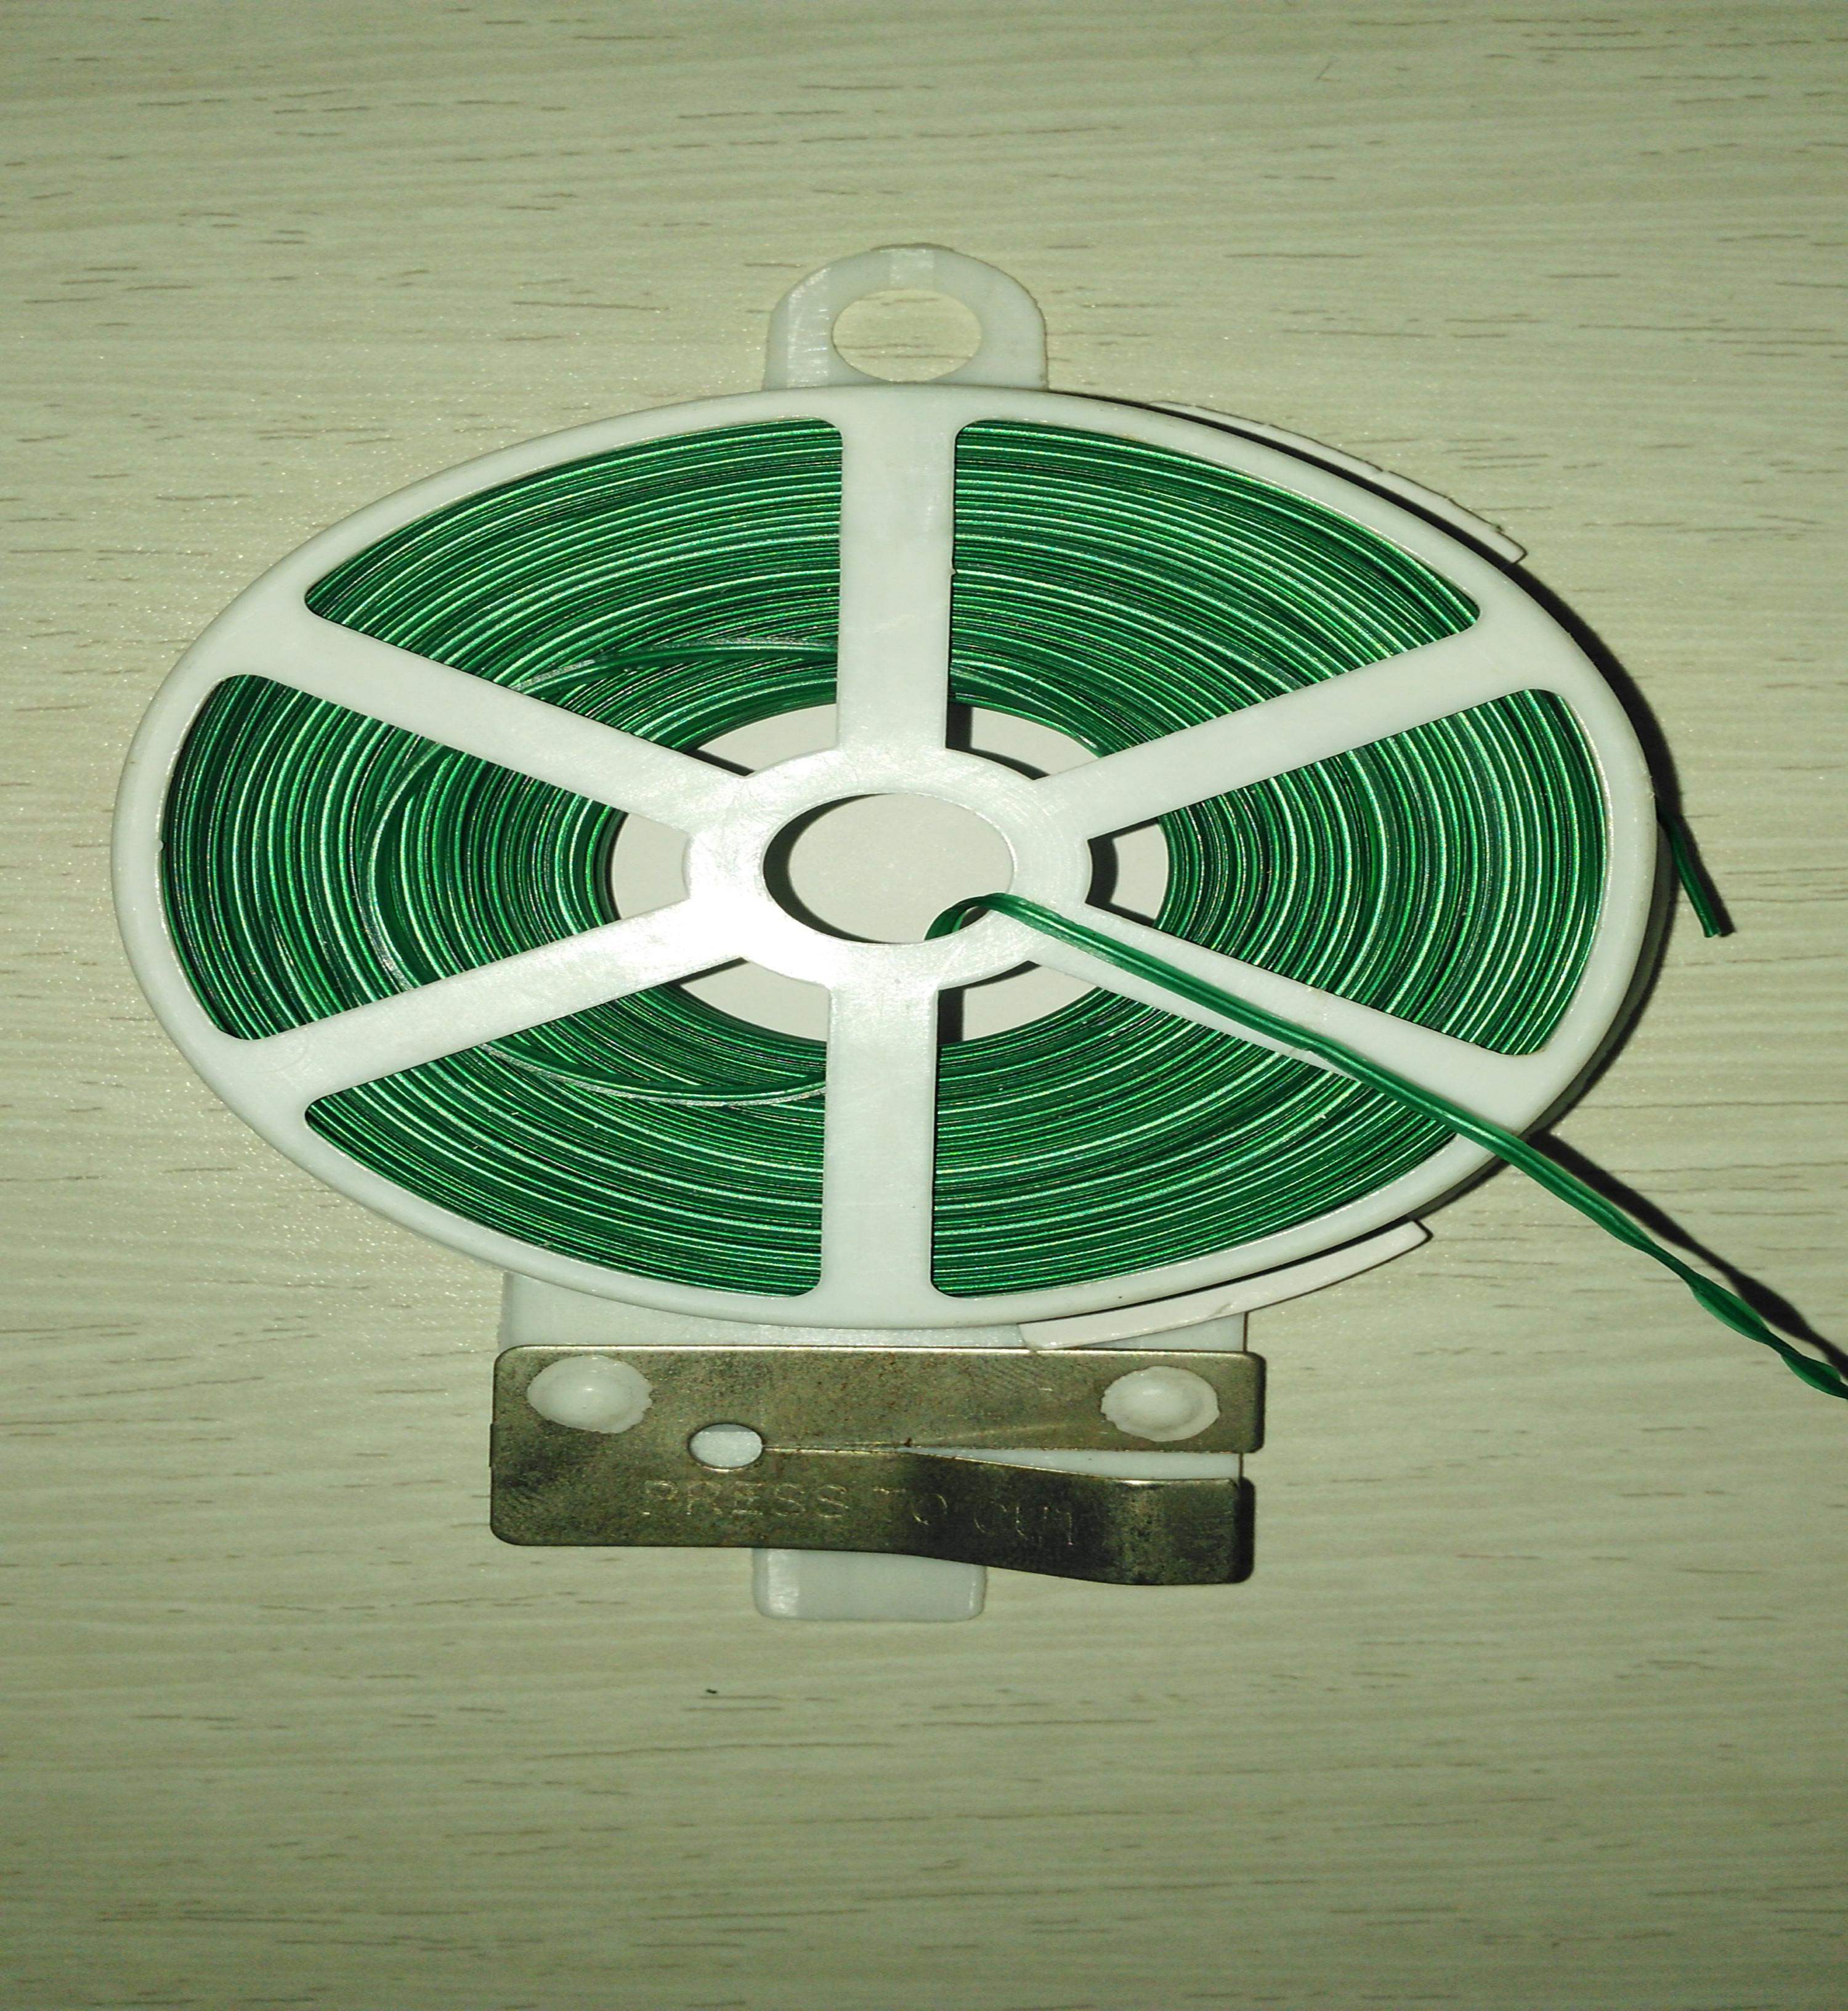 家用包塑扎丝特价黄瓜爬藤类捆绑线葡萄铁丝扎线50米厂家